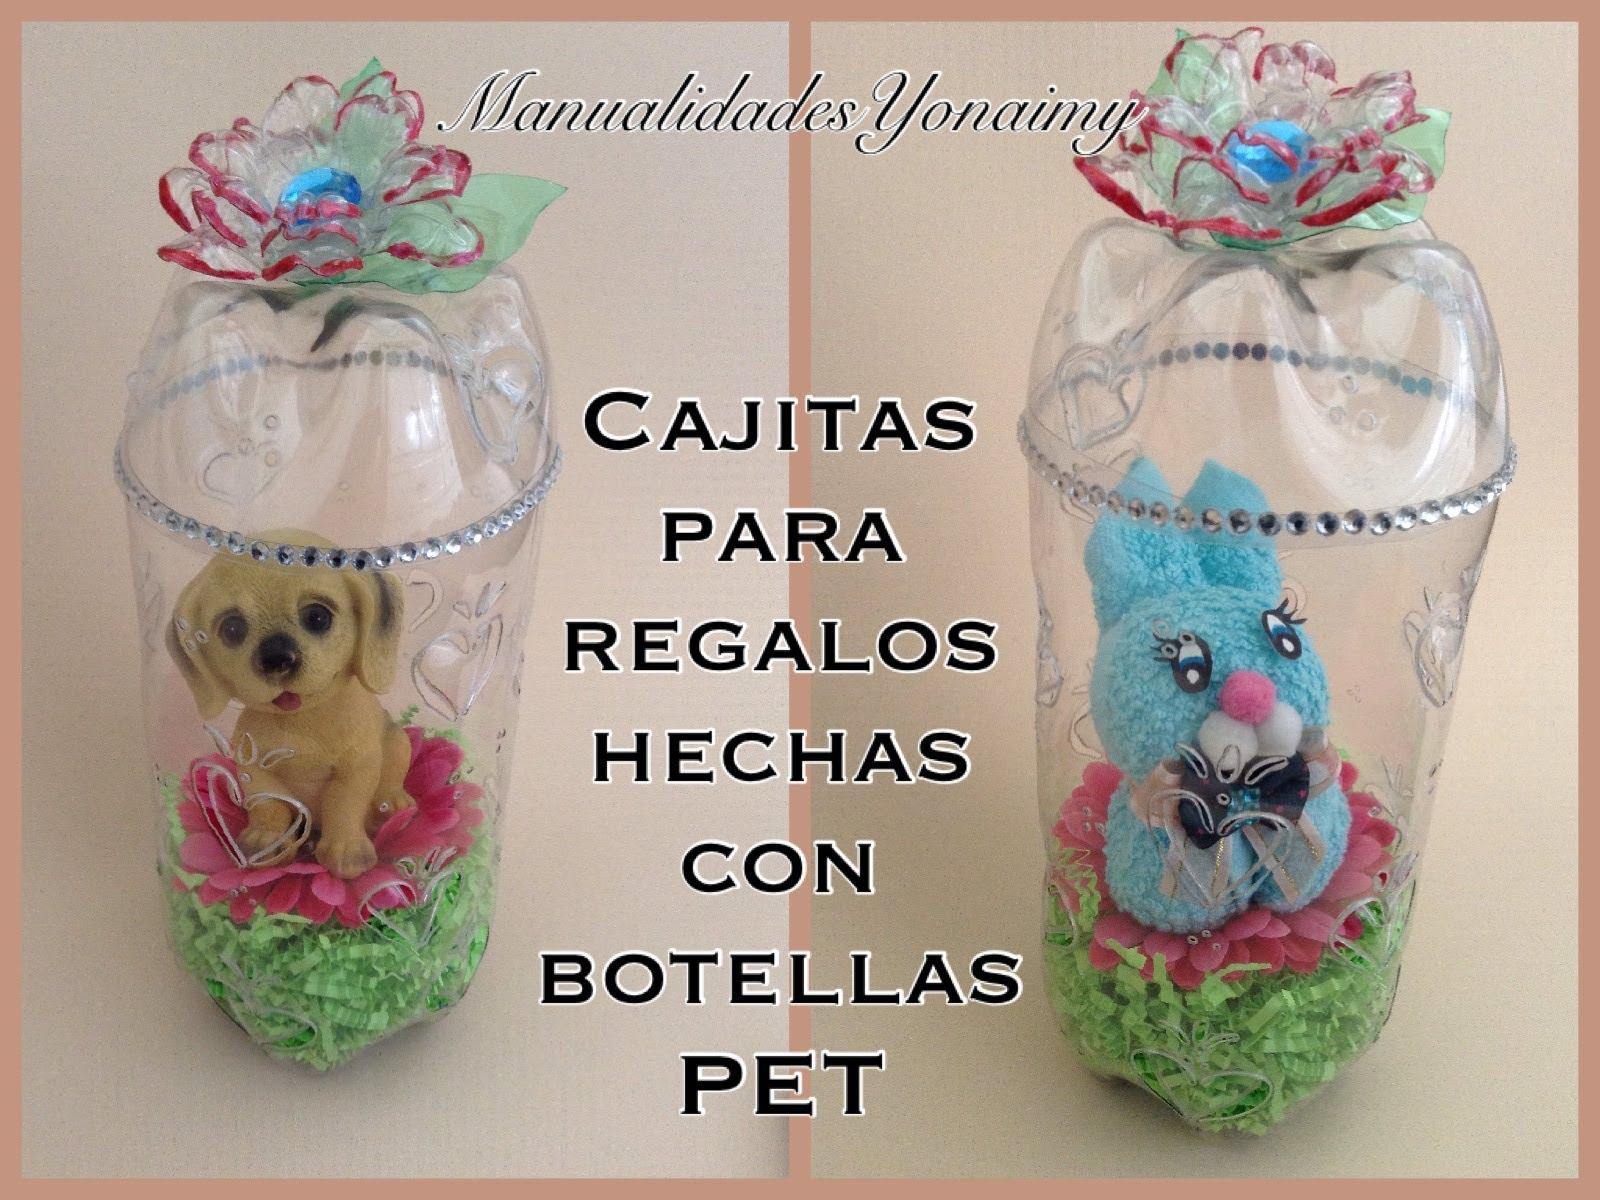 Cajitas cilindricas para regalo hechas con botellas pet - Botellas de plastico manualidades ...